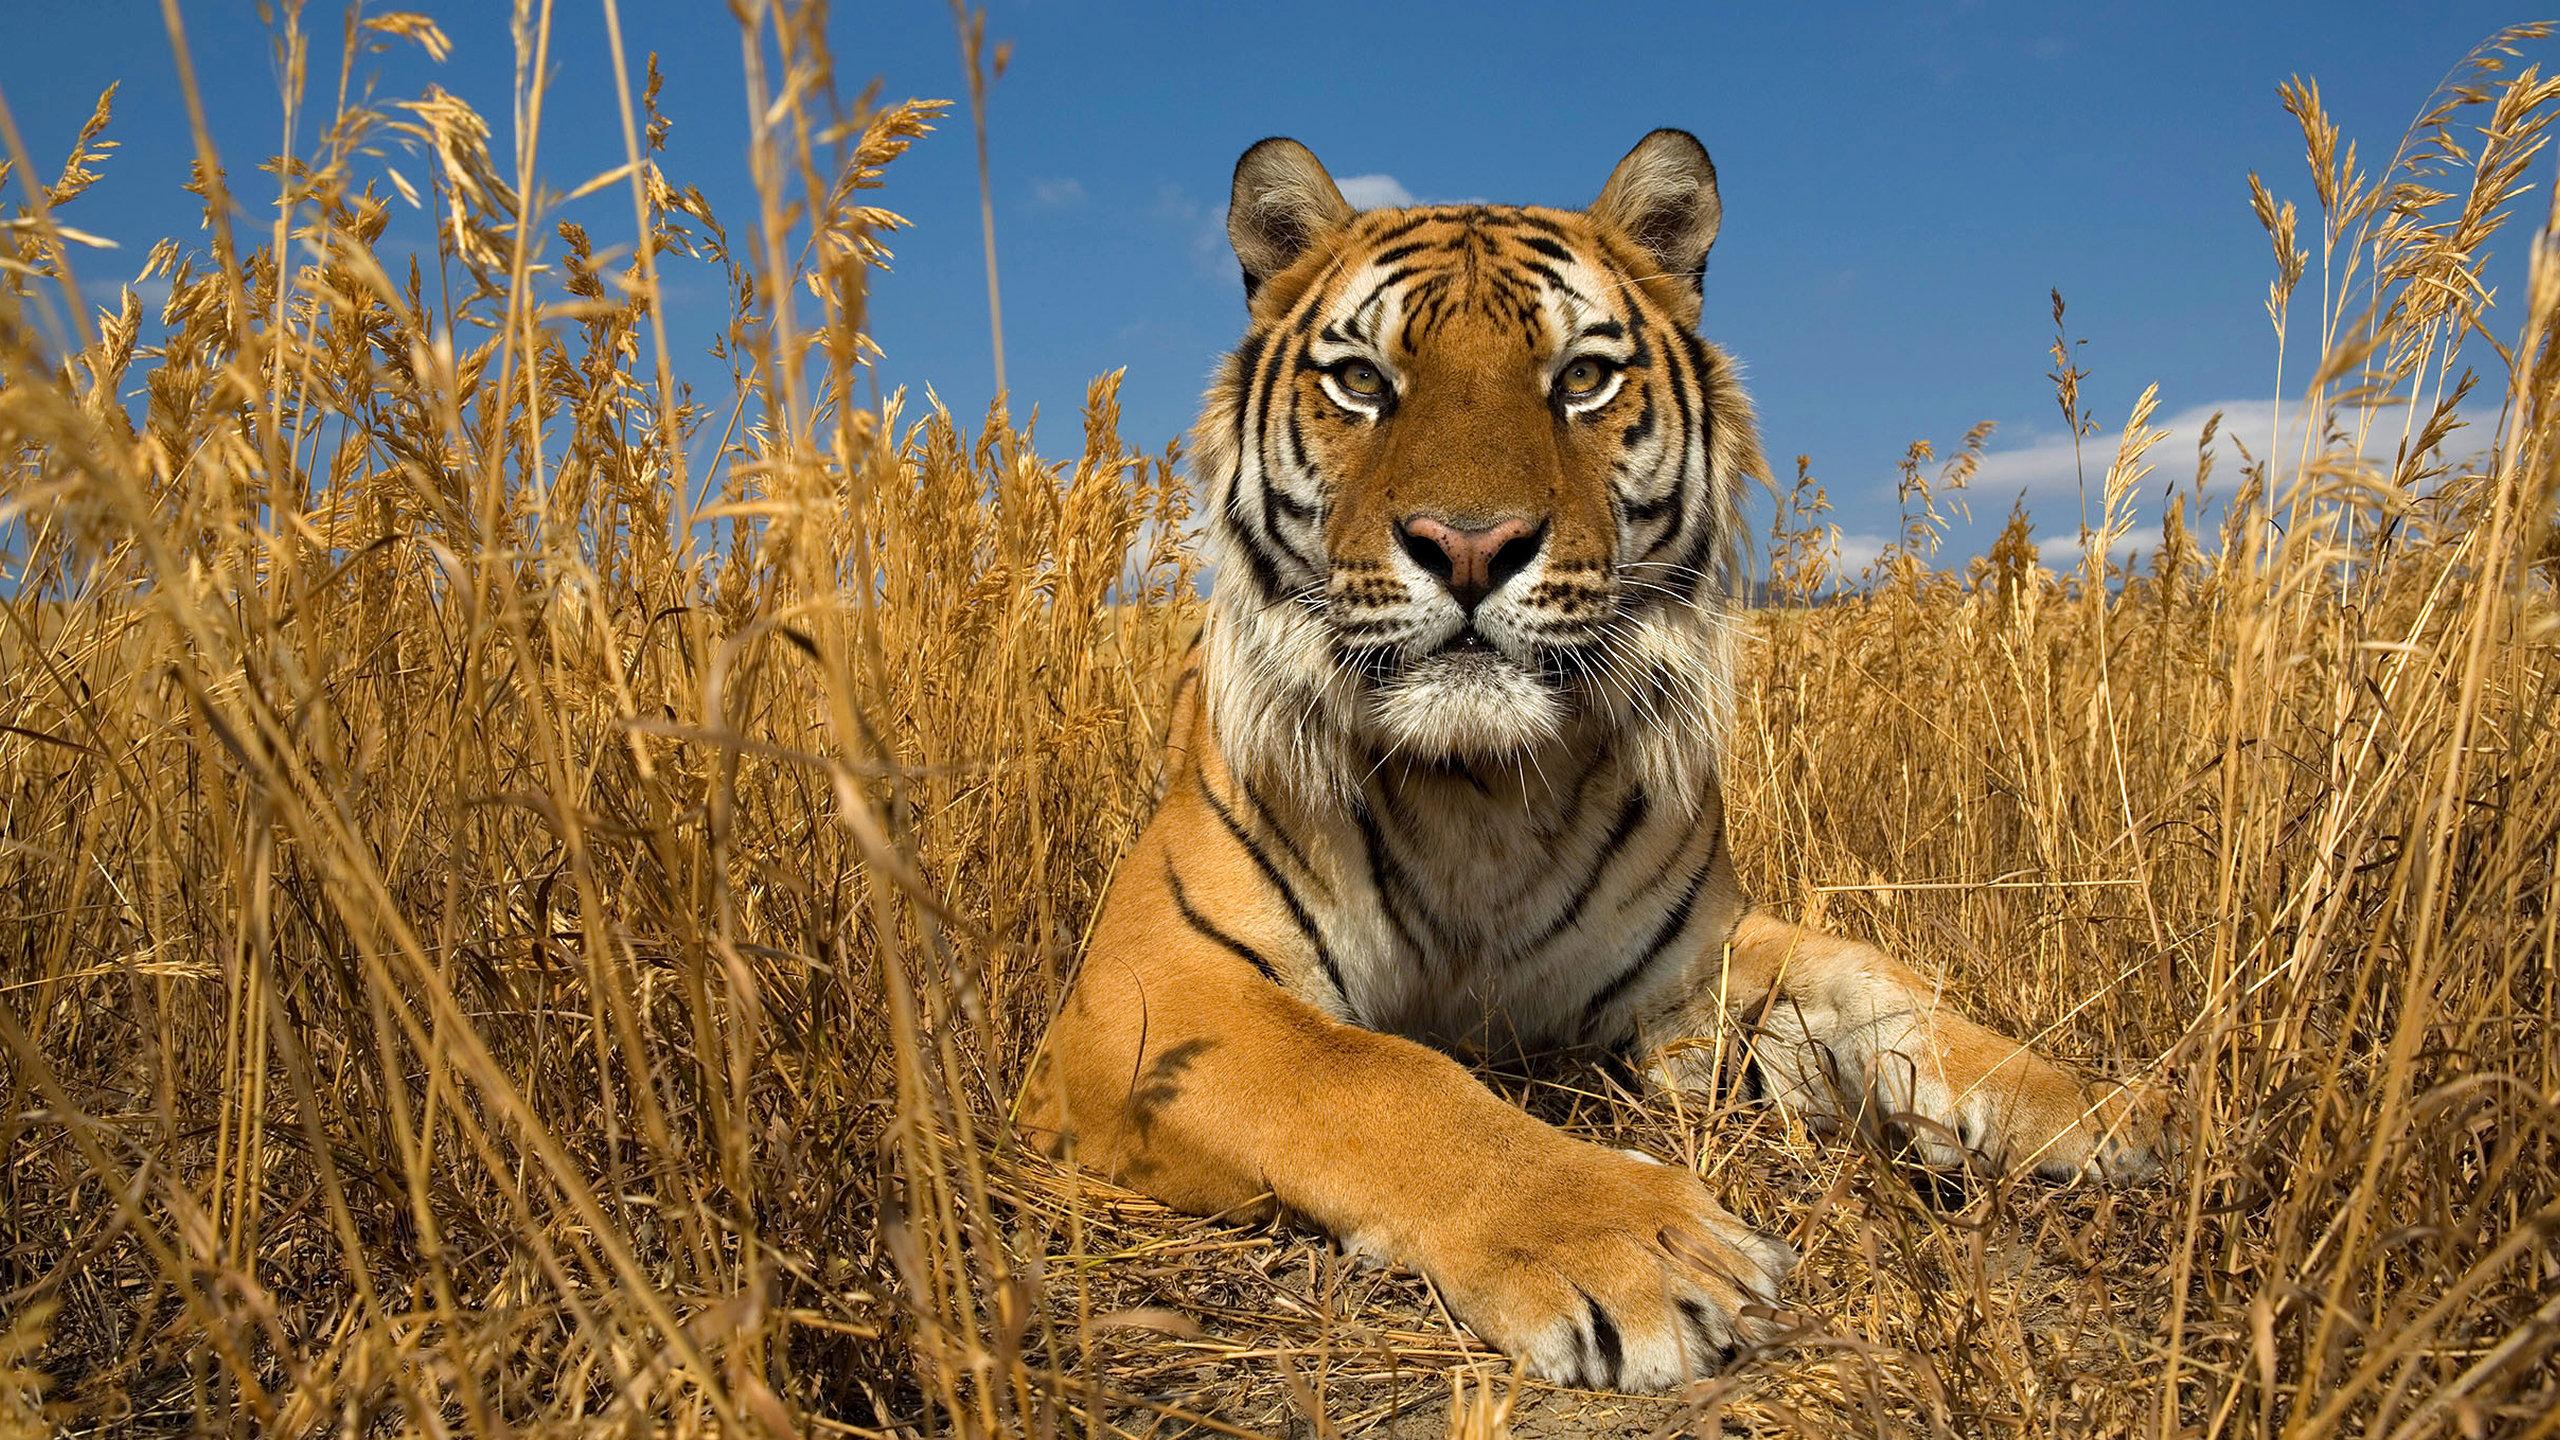 природа животные тигры nature animals tigers  № 1297282  скачать